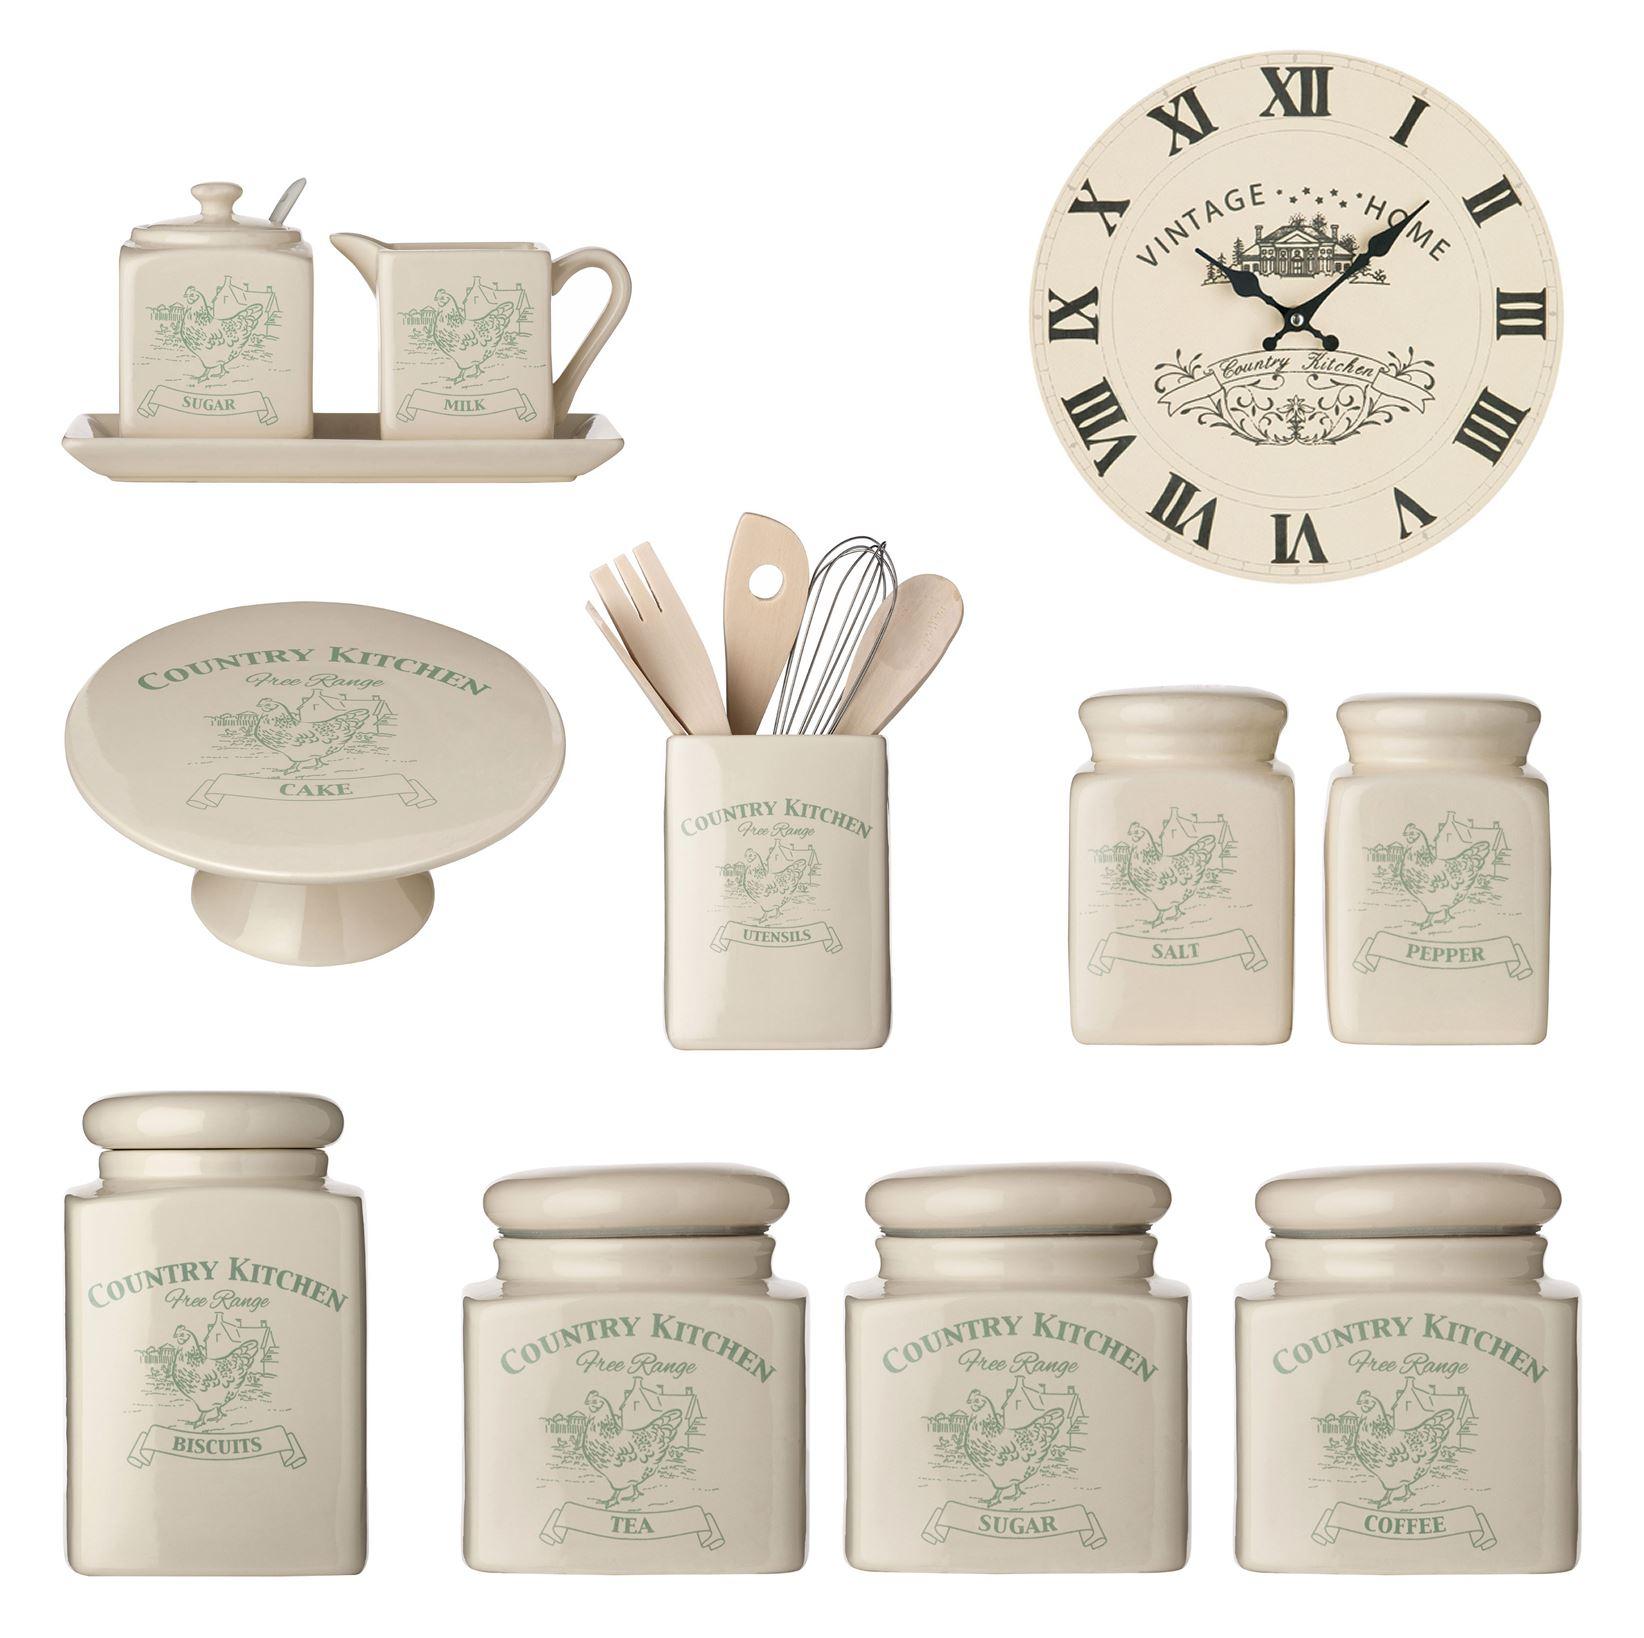 kitchen tea coffee sugar canister biscuit salt pepper milk. Black Bedroom Furniture Sets. Home Design Ideas